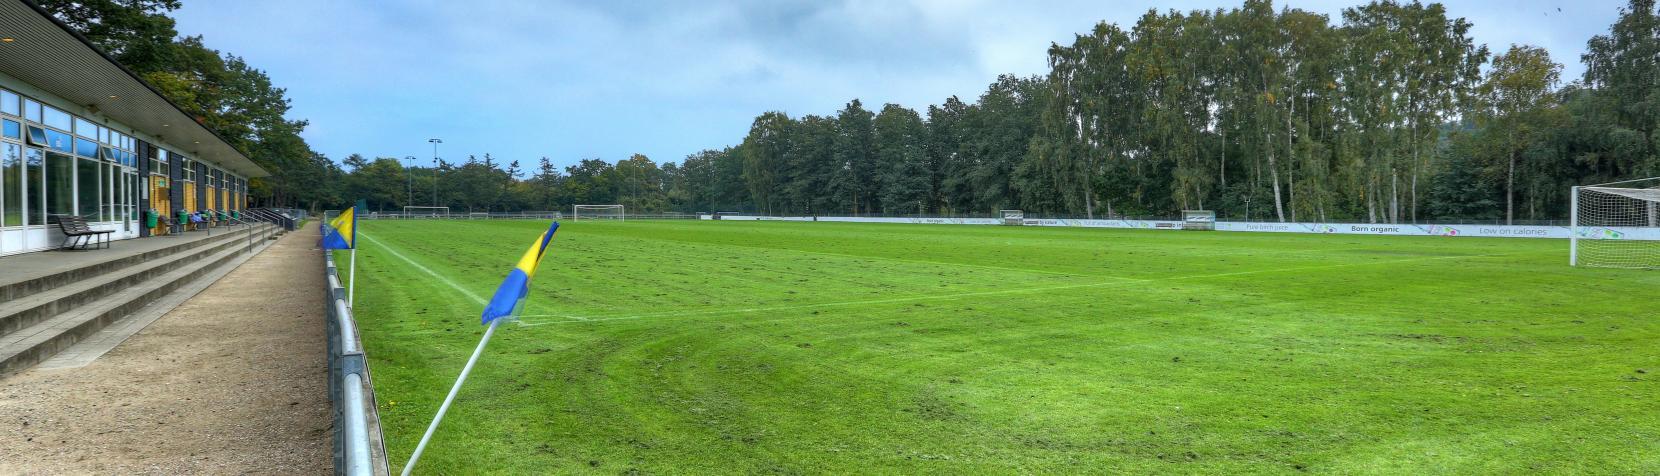 Foto: Vedbæk Stadion udendørs